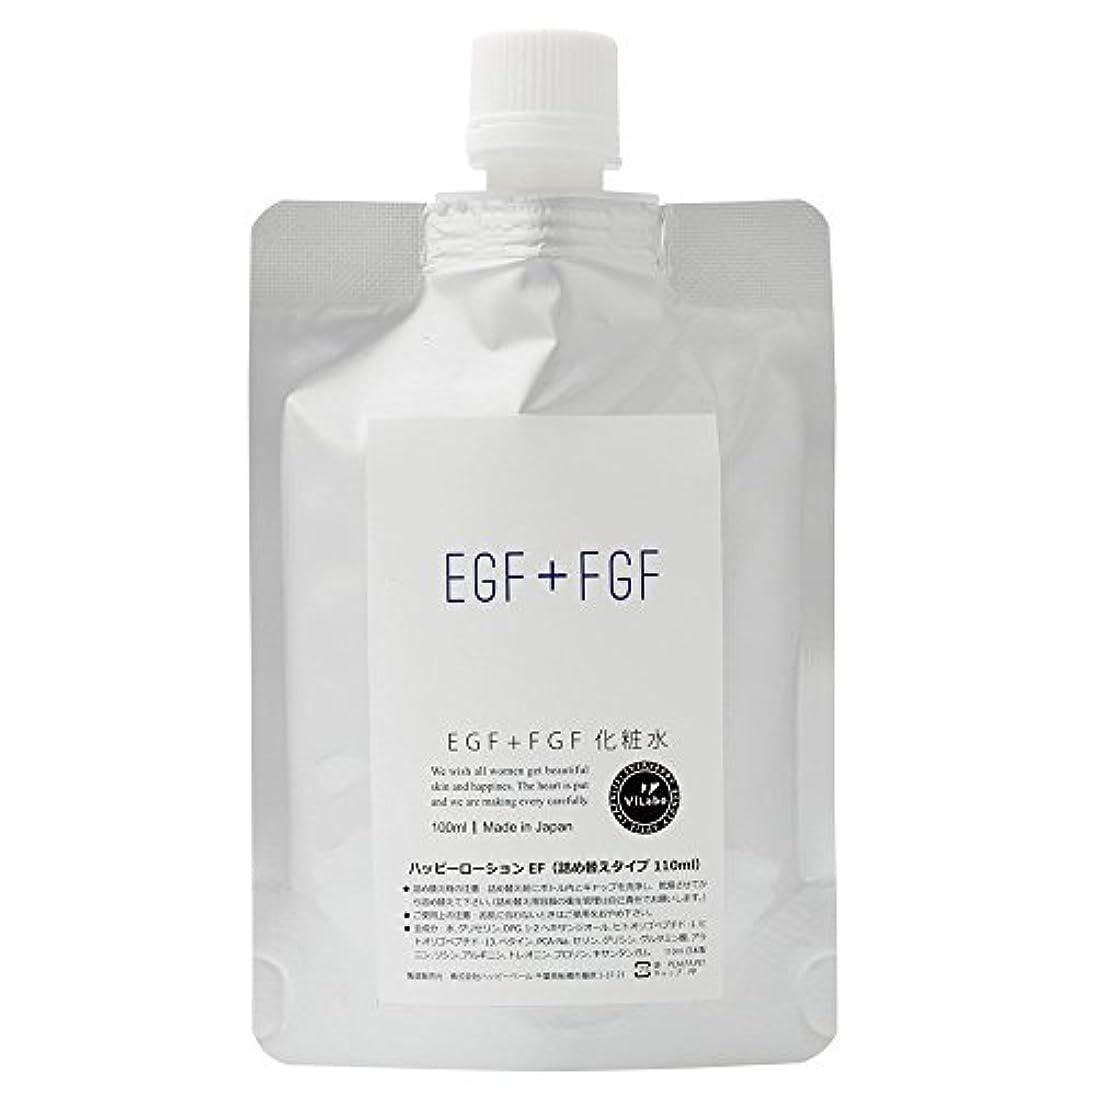 見る人夕方言語学EGF+FGF化粧水-天然温泉水+高級美容成分の浸透型化粧水-品名:ハッピーローションEF ノンパラベン、アルコール、フェノキシエタノール、石油系合成界面活性剤無添加 (詰め替えパウチ110ml)